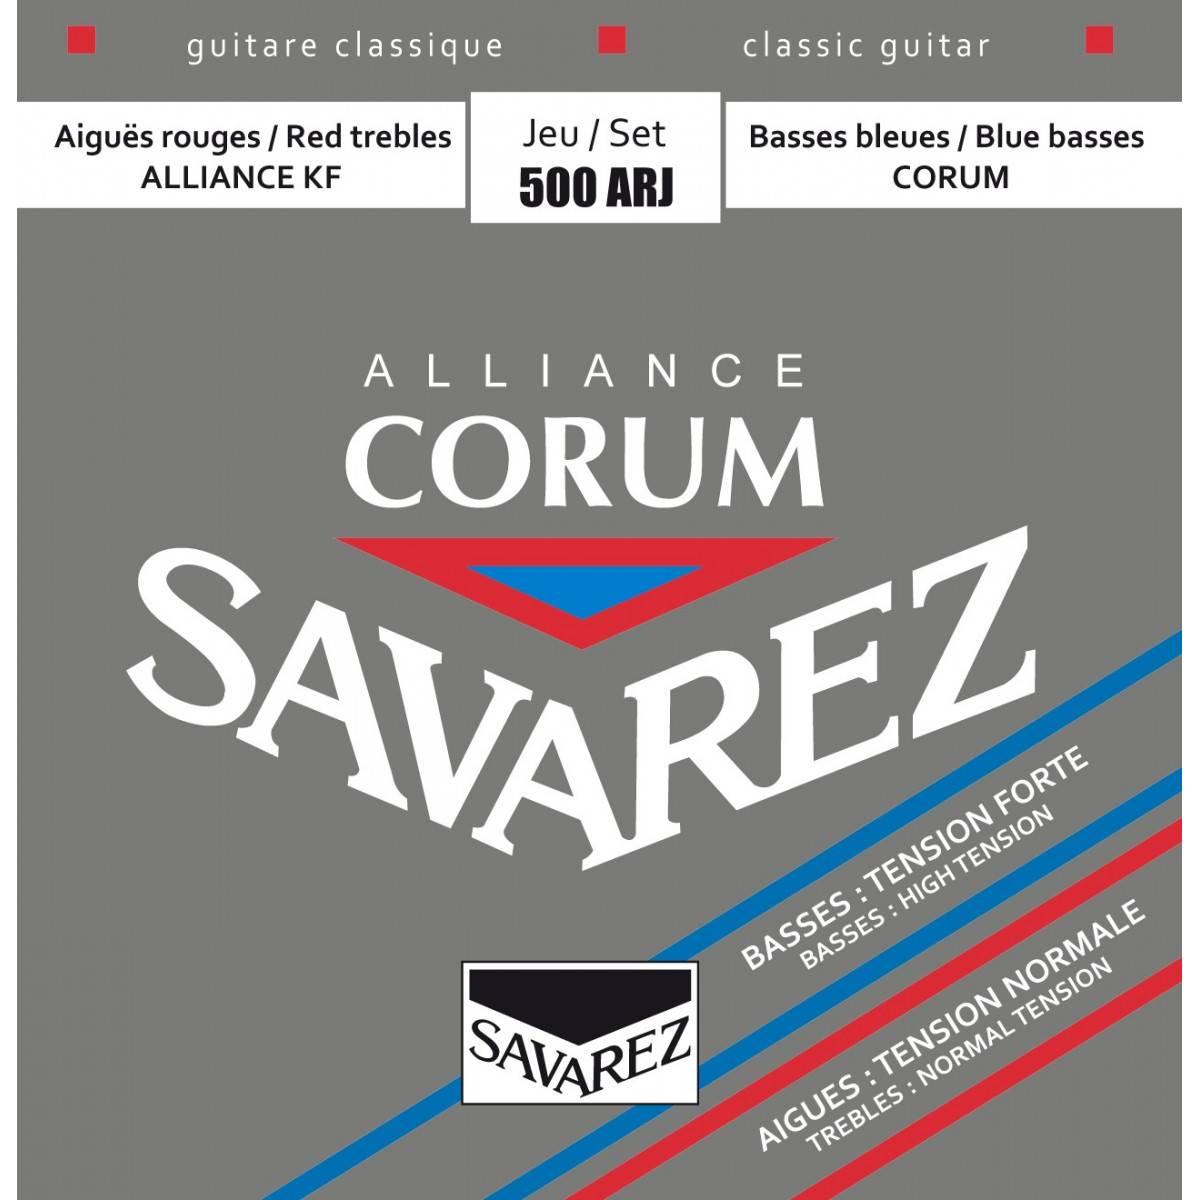 Savarez Corum Alliance Classique 500 ARJ - Cordes classiques